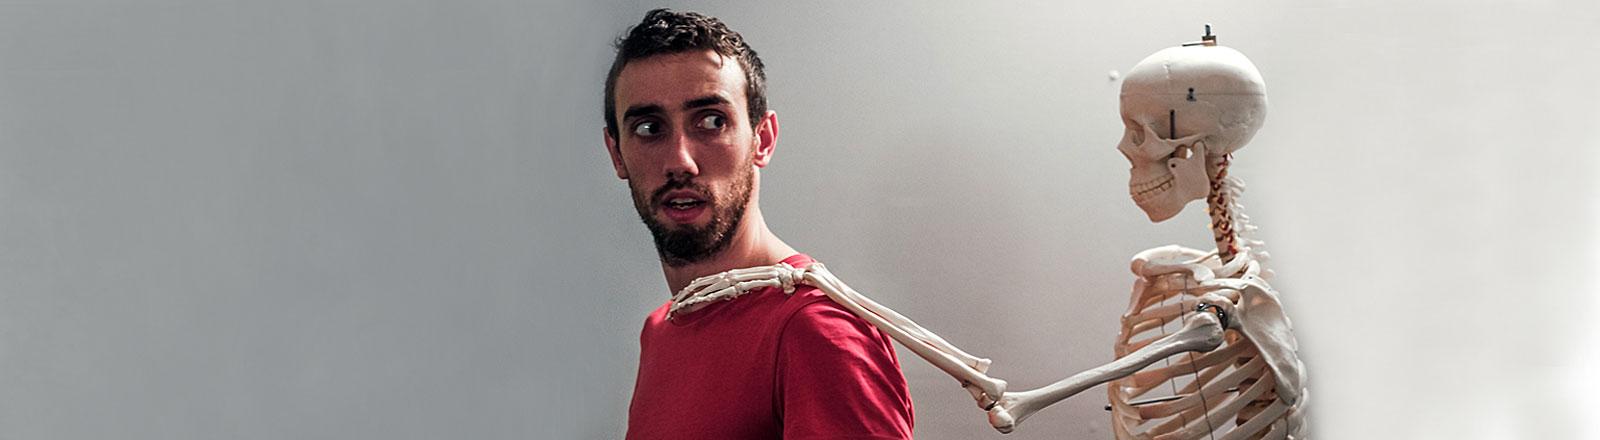 Skelett legt Mann Hand auf die Schulter